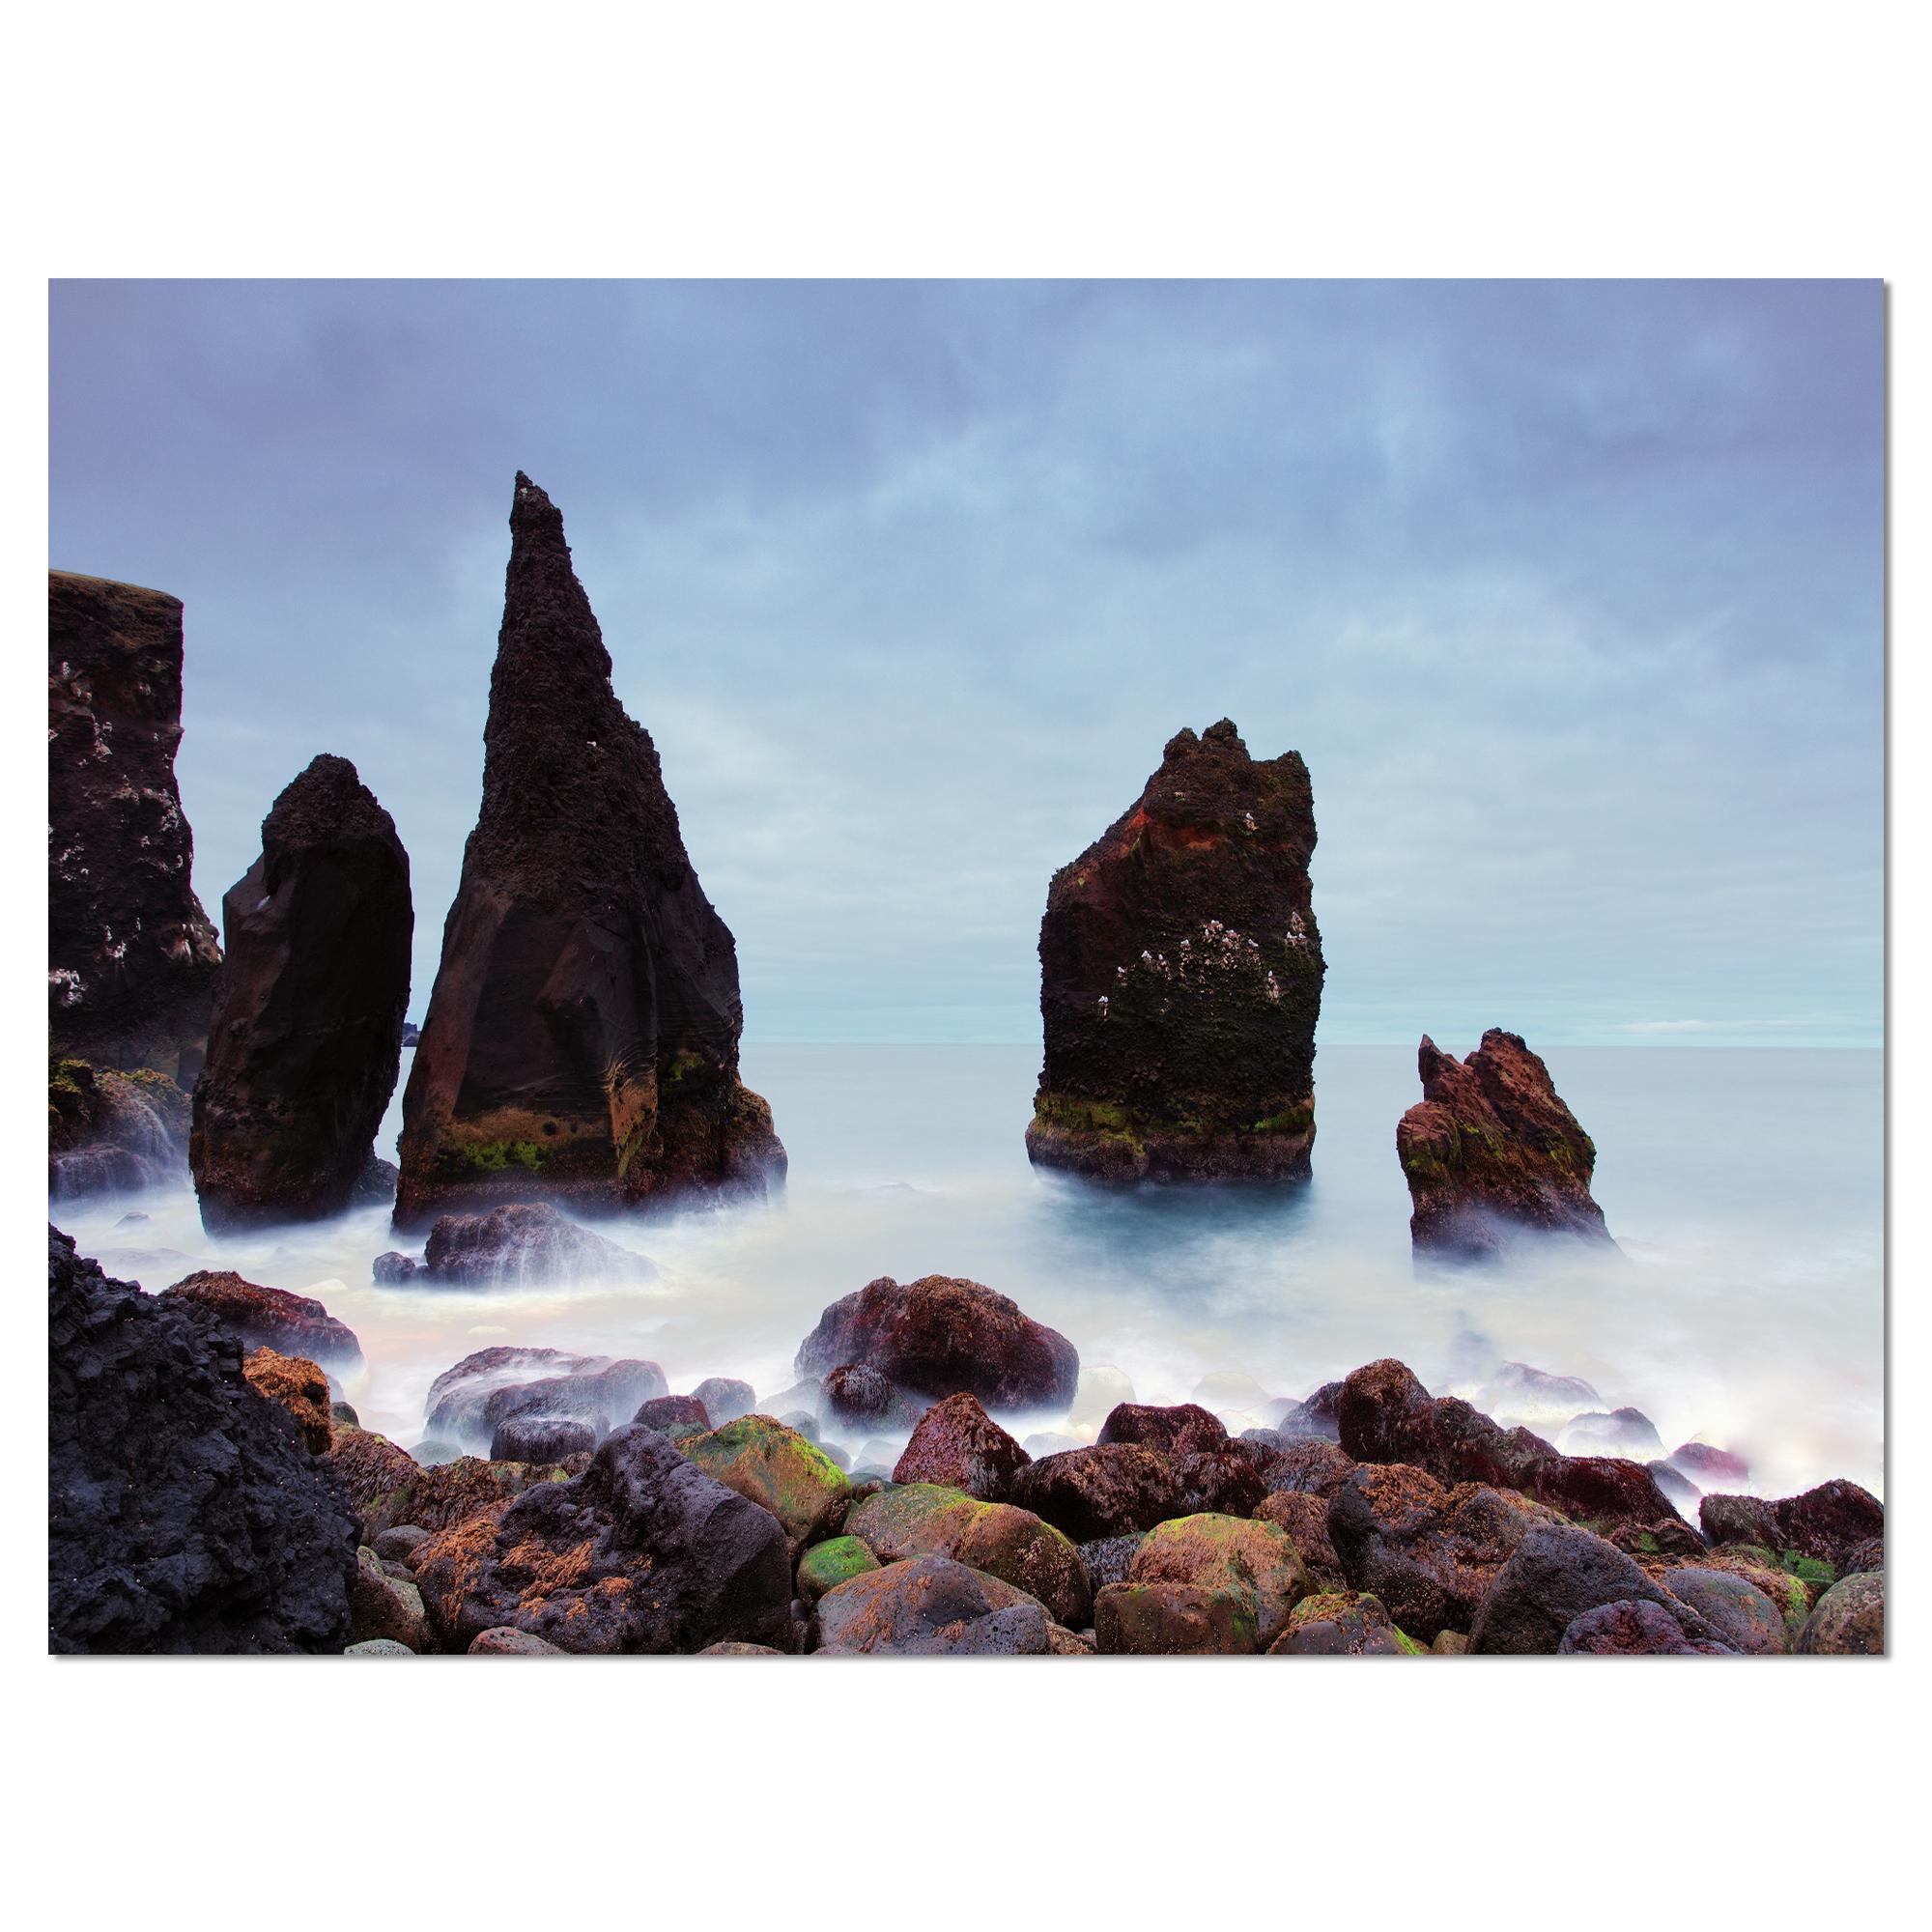 Sharp Rocky Coastline Raykjanes - image 2 de 3